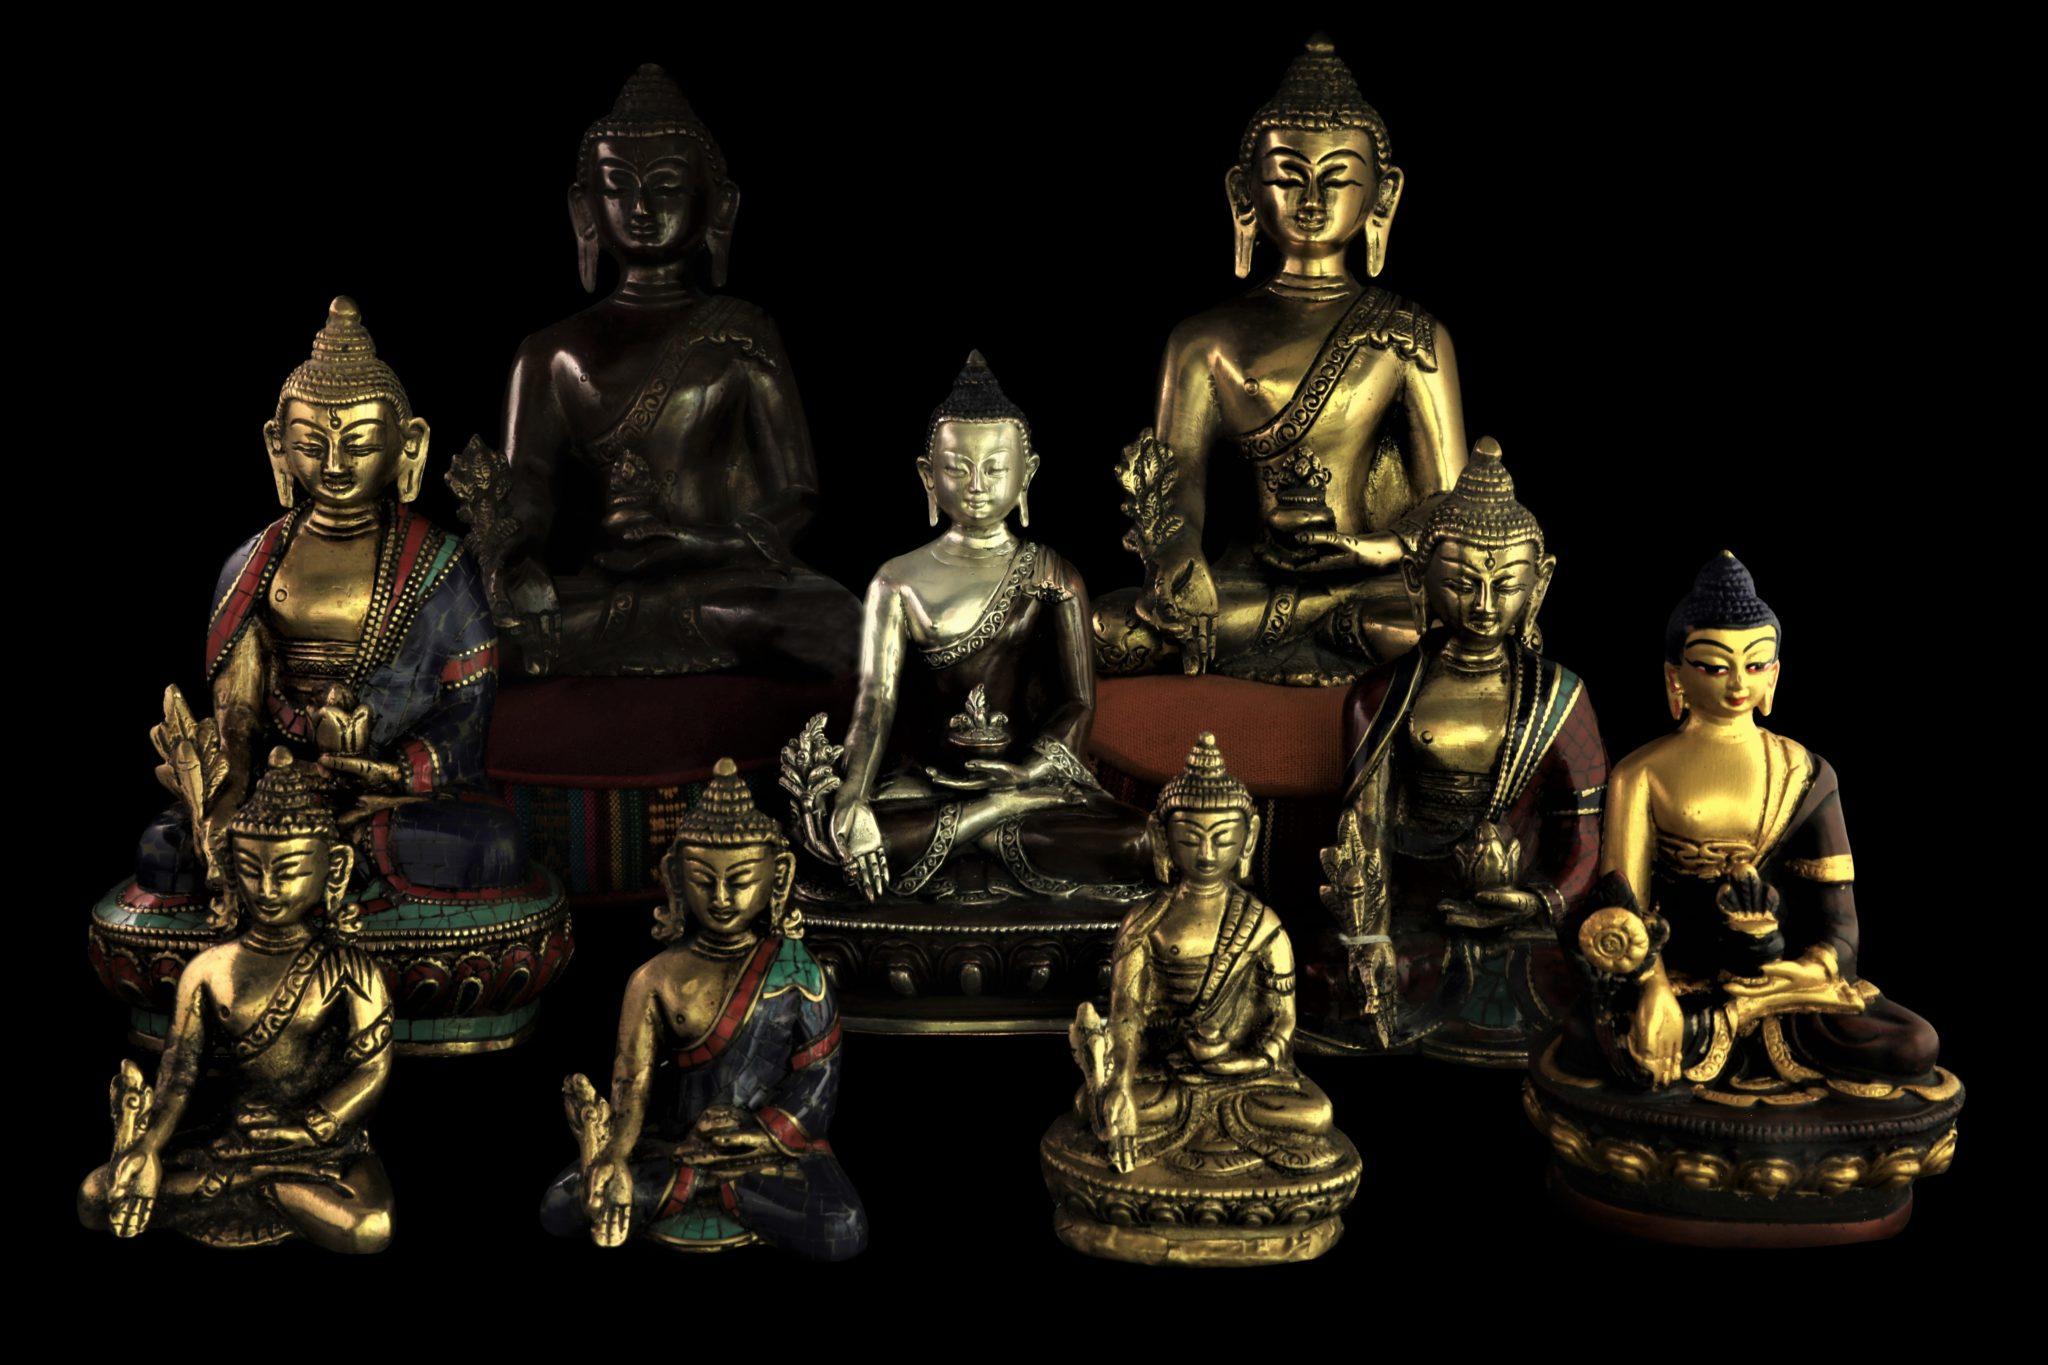 statue bouddha médecine achat paris MES INDES GALANTES